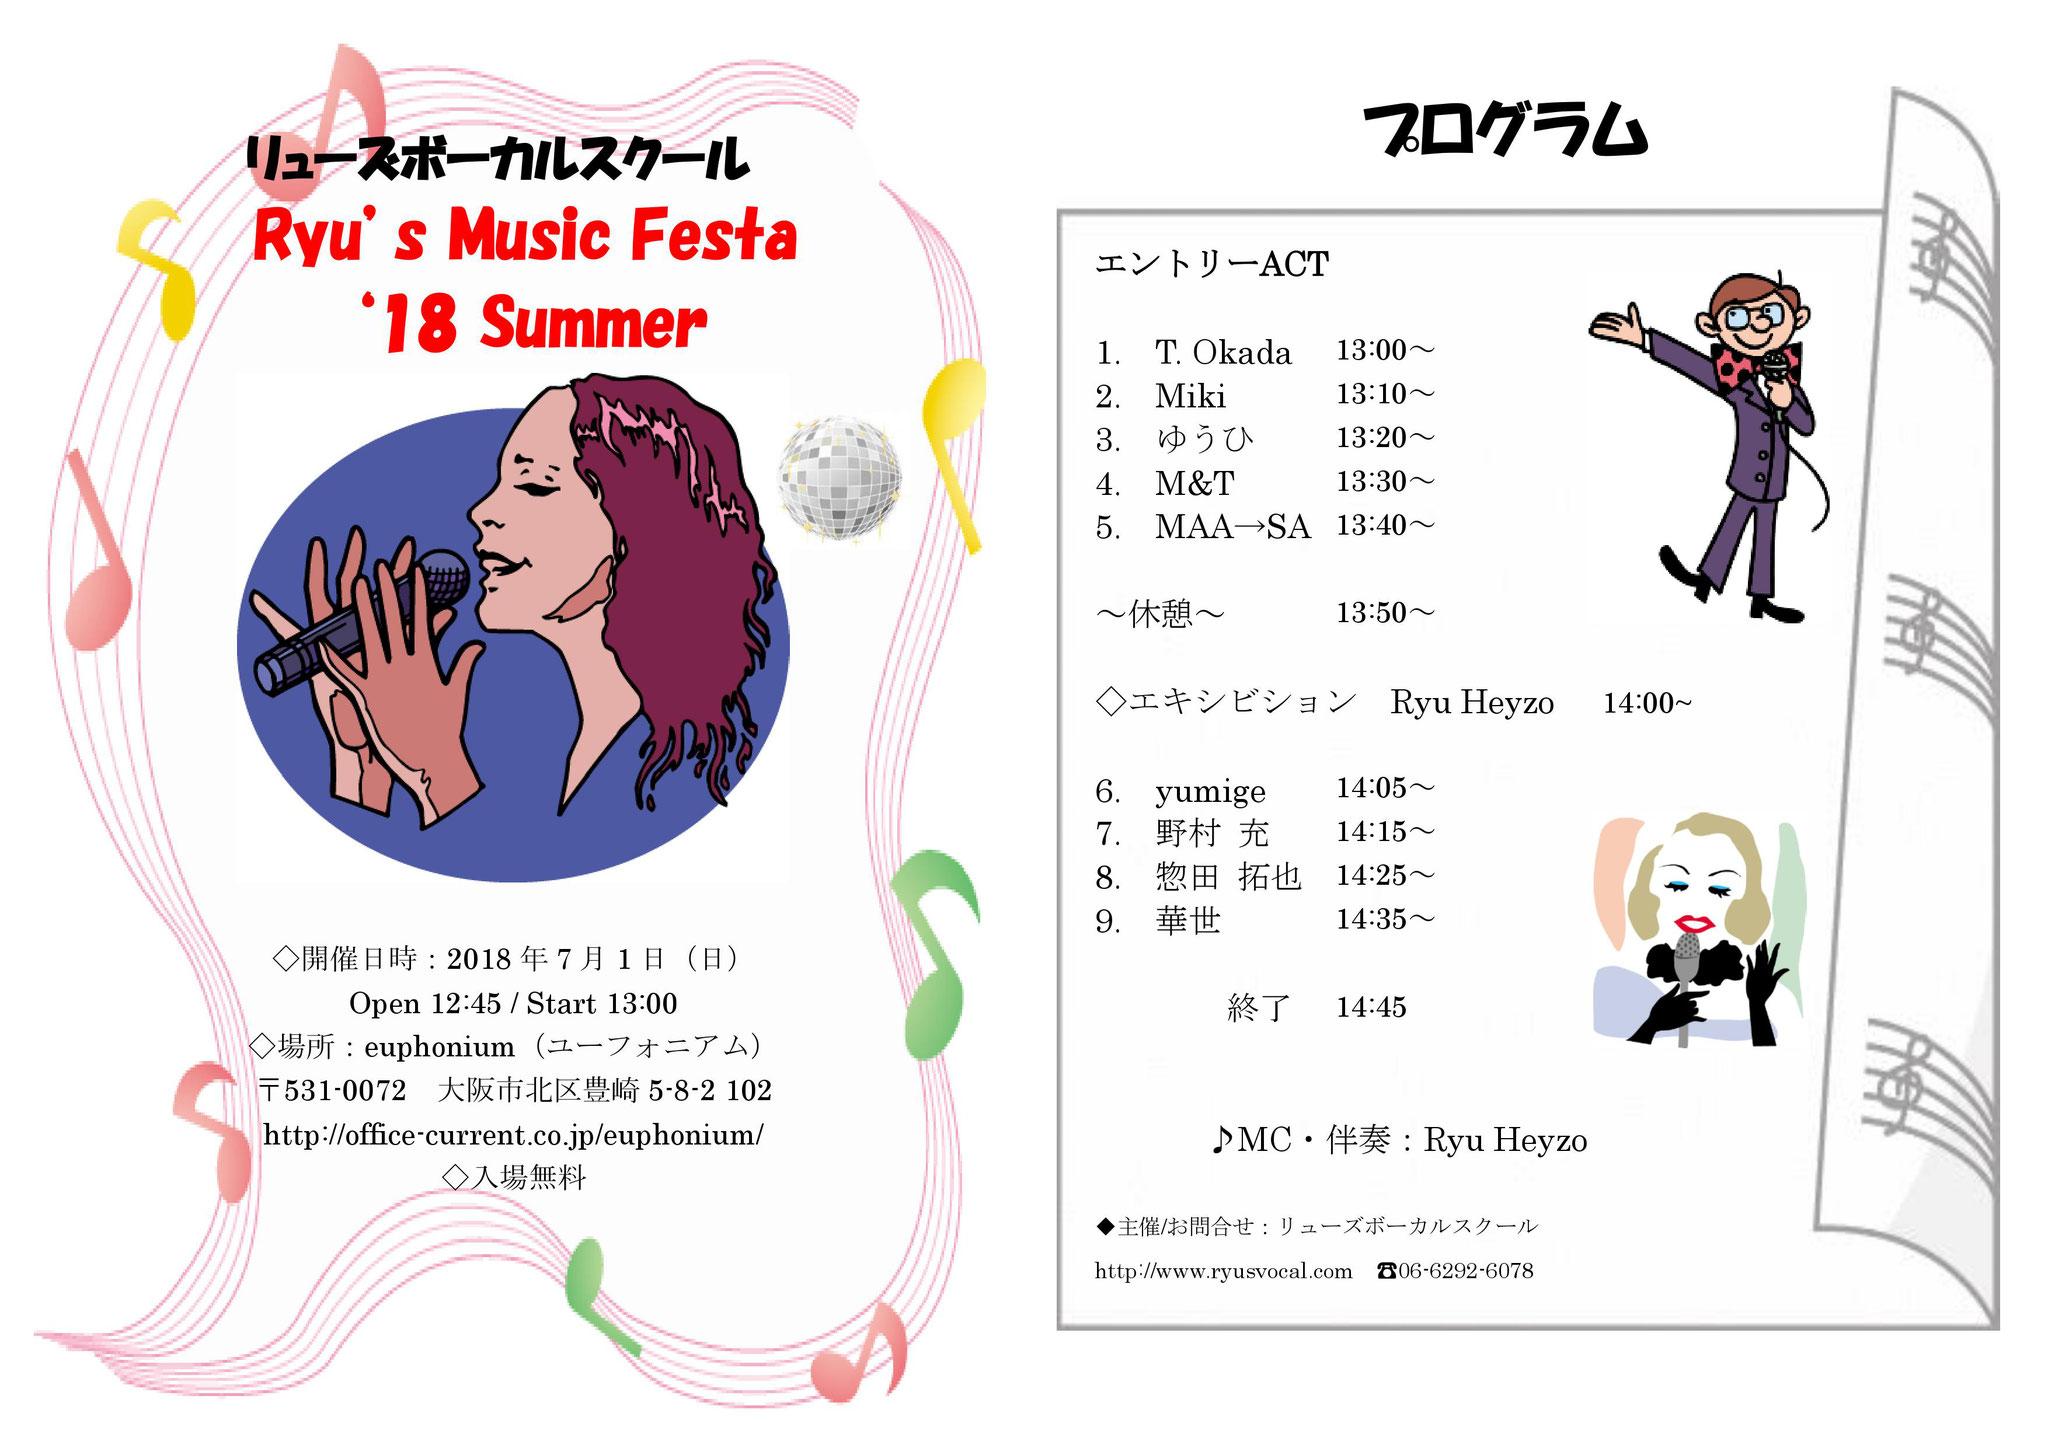 リューズボーカルスクール Ryu's Music Festa '18 Summer